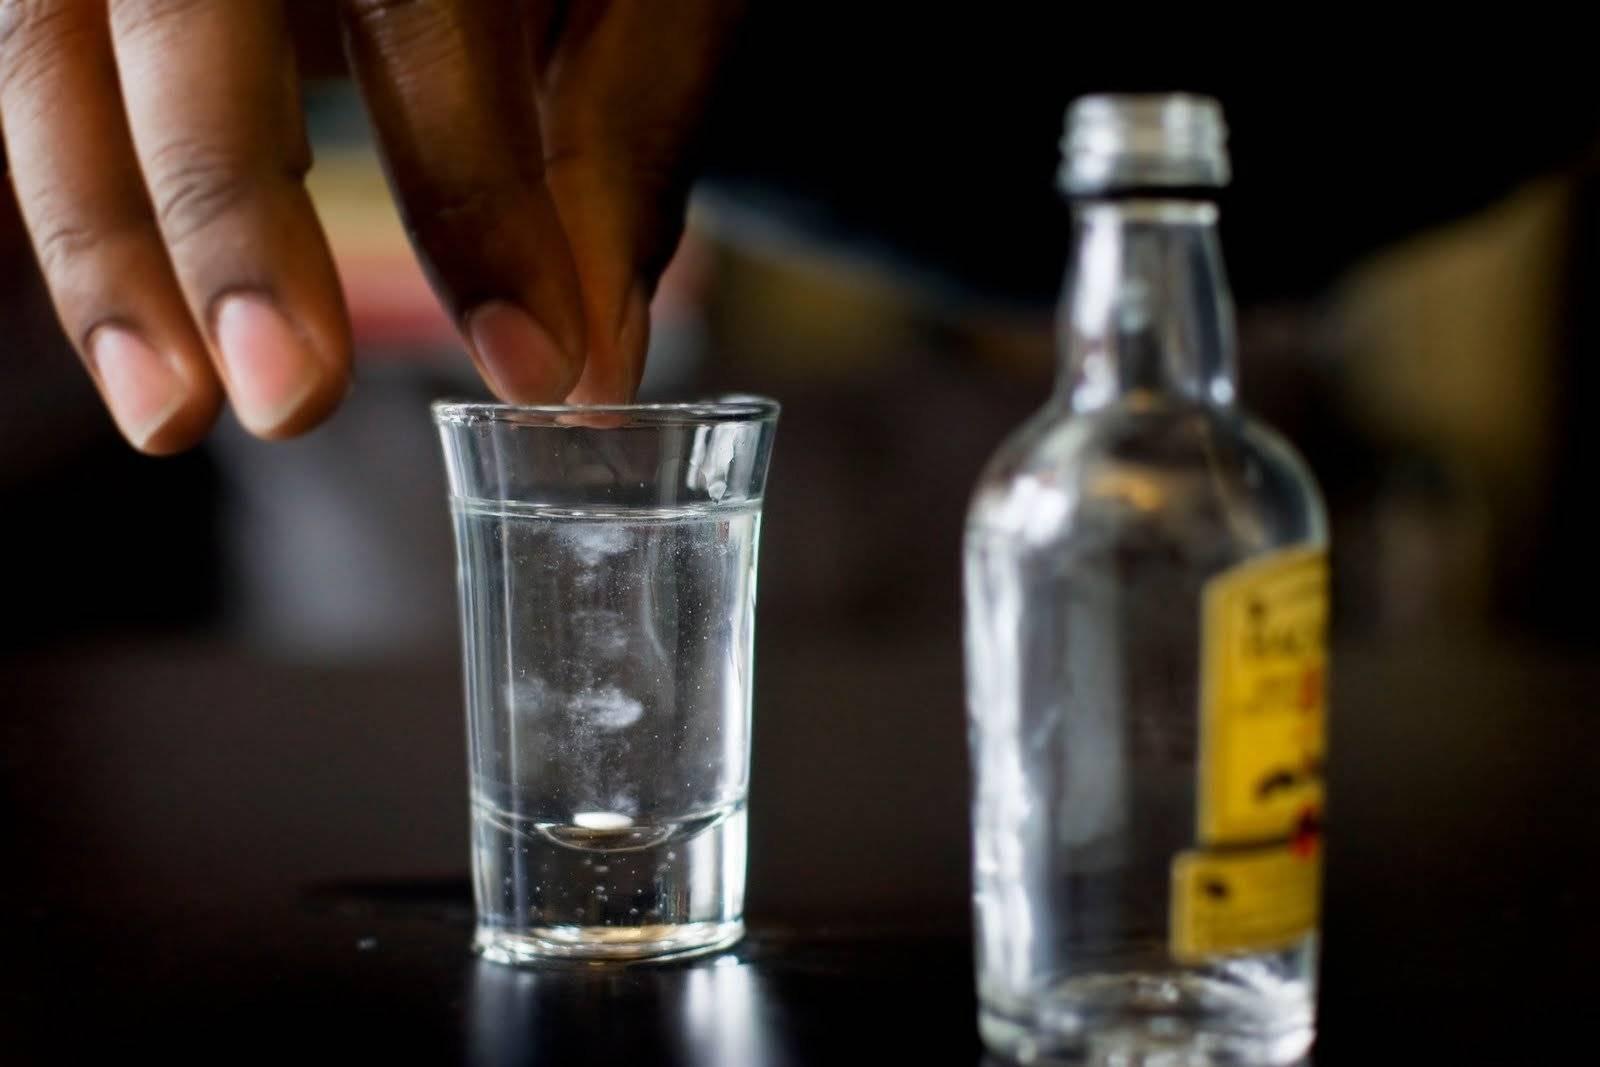 Виды снотворных и алкоголь: совмещение, осложнения, смертельная доза